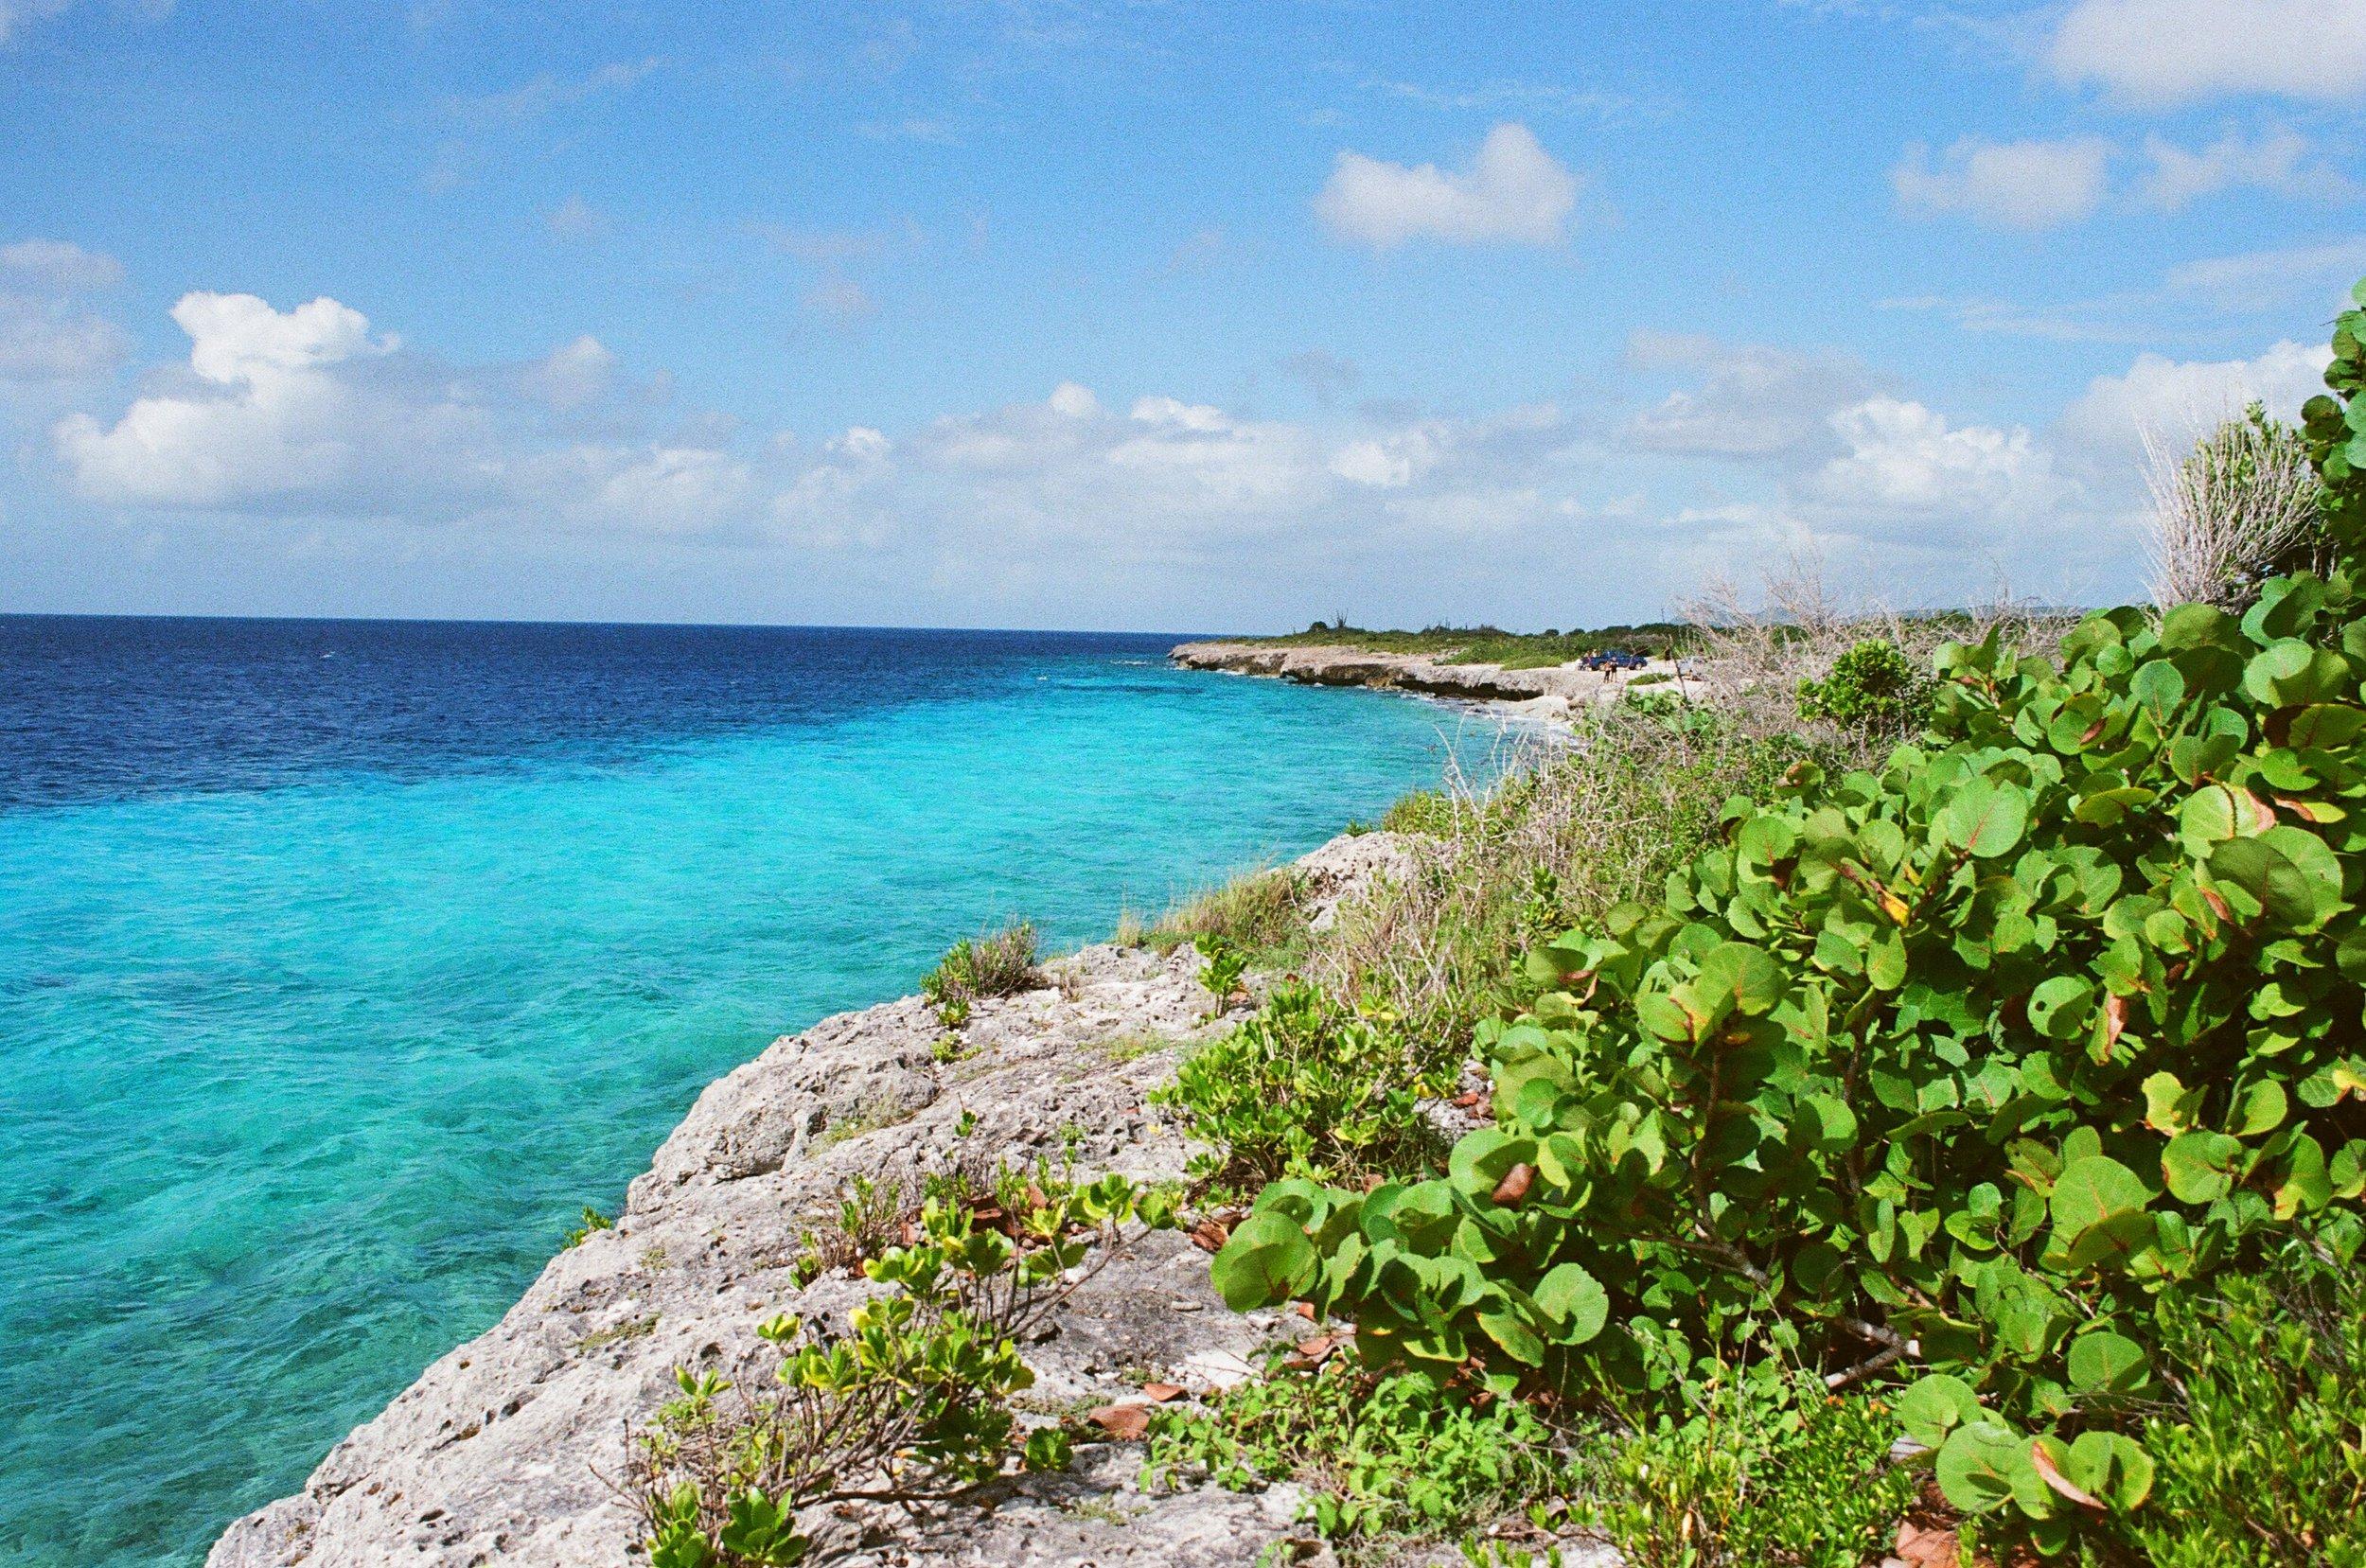 Queens Highway, Bonaire